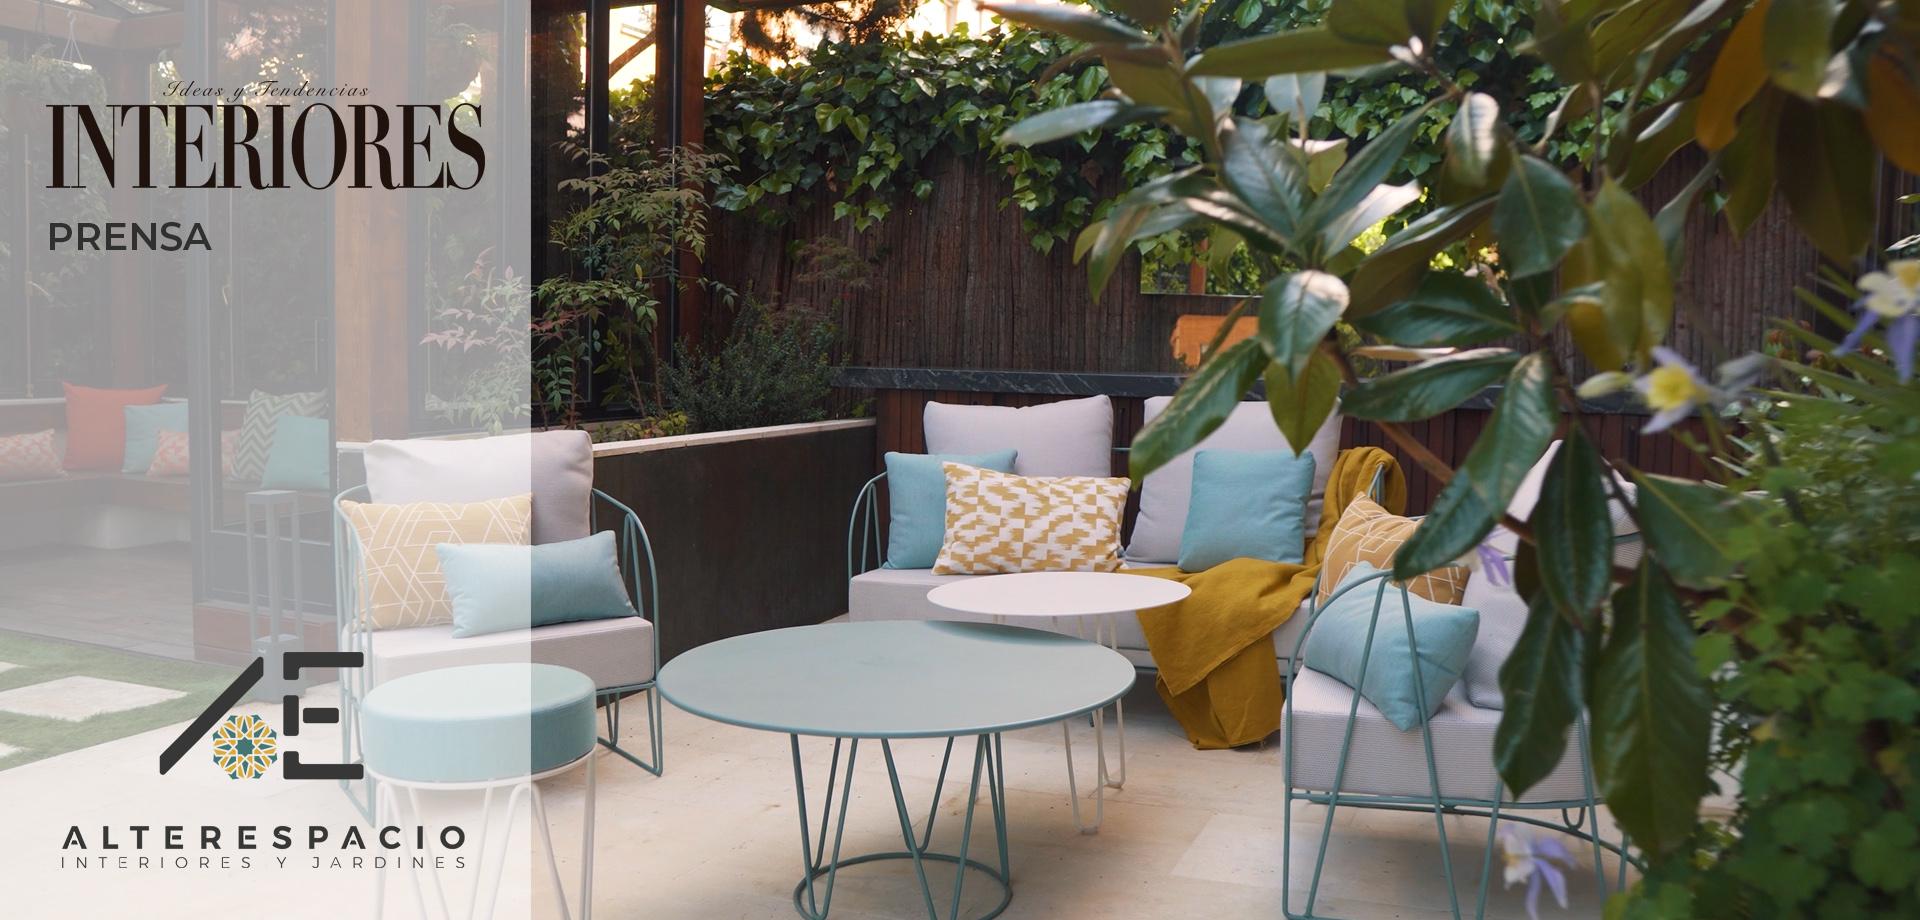 04_Prensa_Interiores_Alterespacio_decoración-de-jardines-terrazas_paisajismo-Madrid_PORTADA